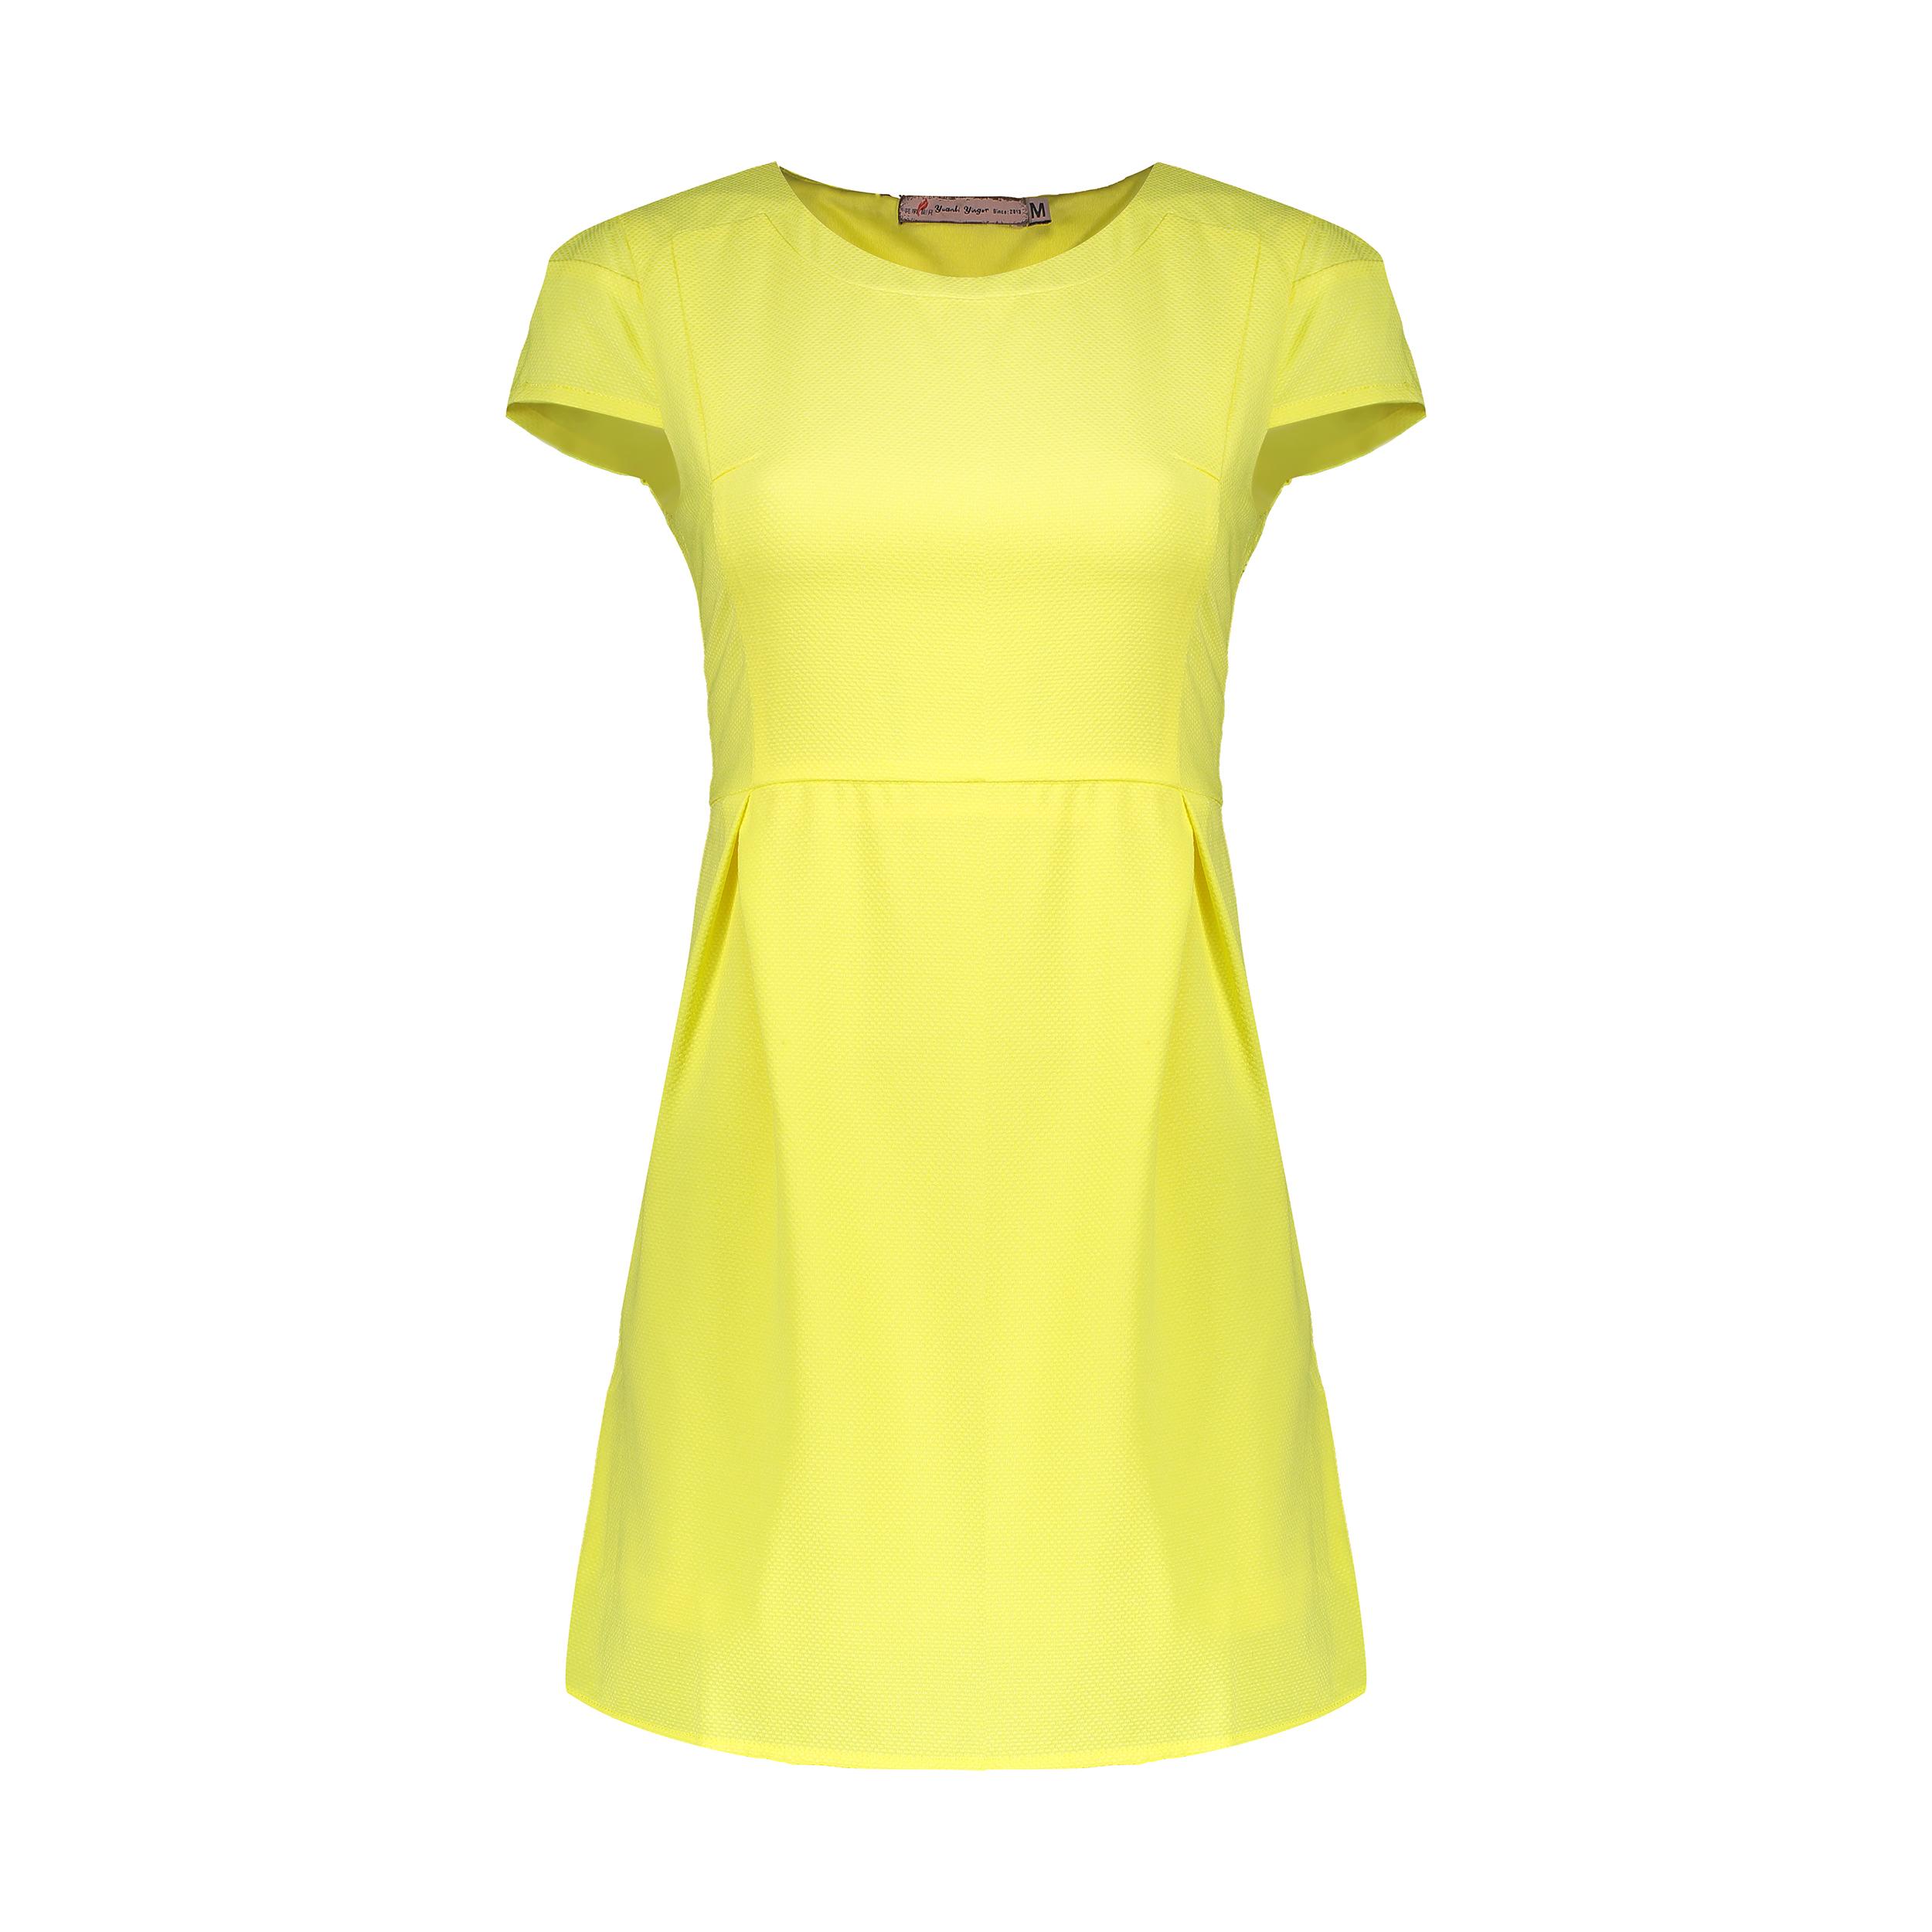 پیراهن زنانه کد 3004-1070